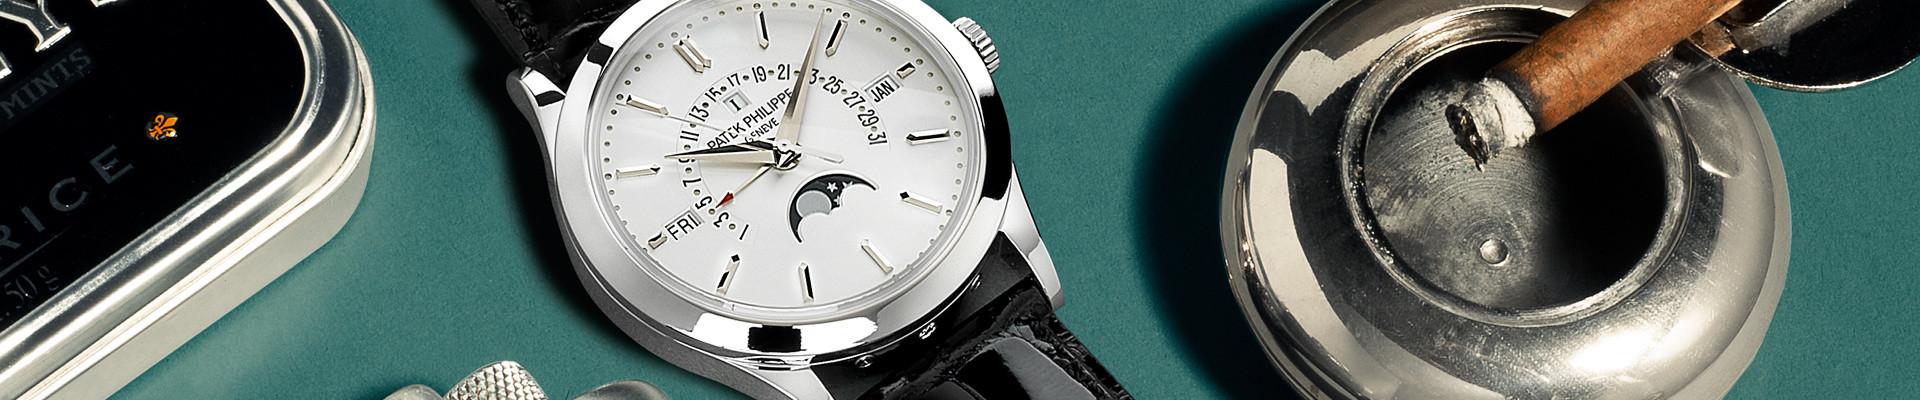 Uw horloge inruilen Leon Martens Juwelier